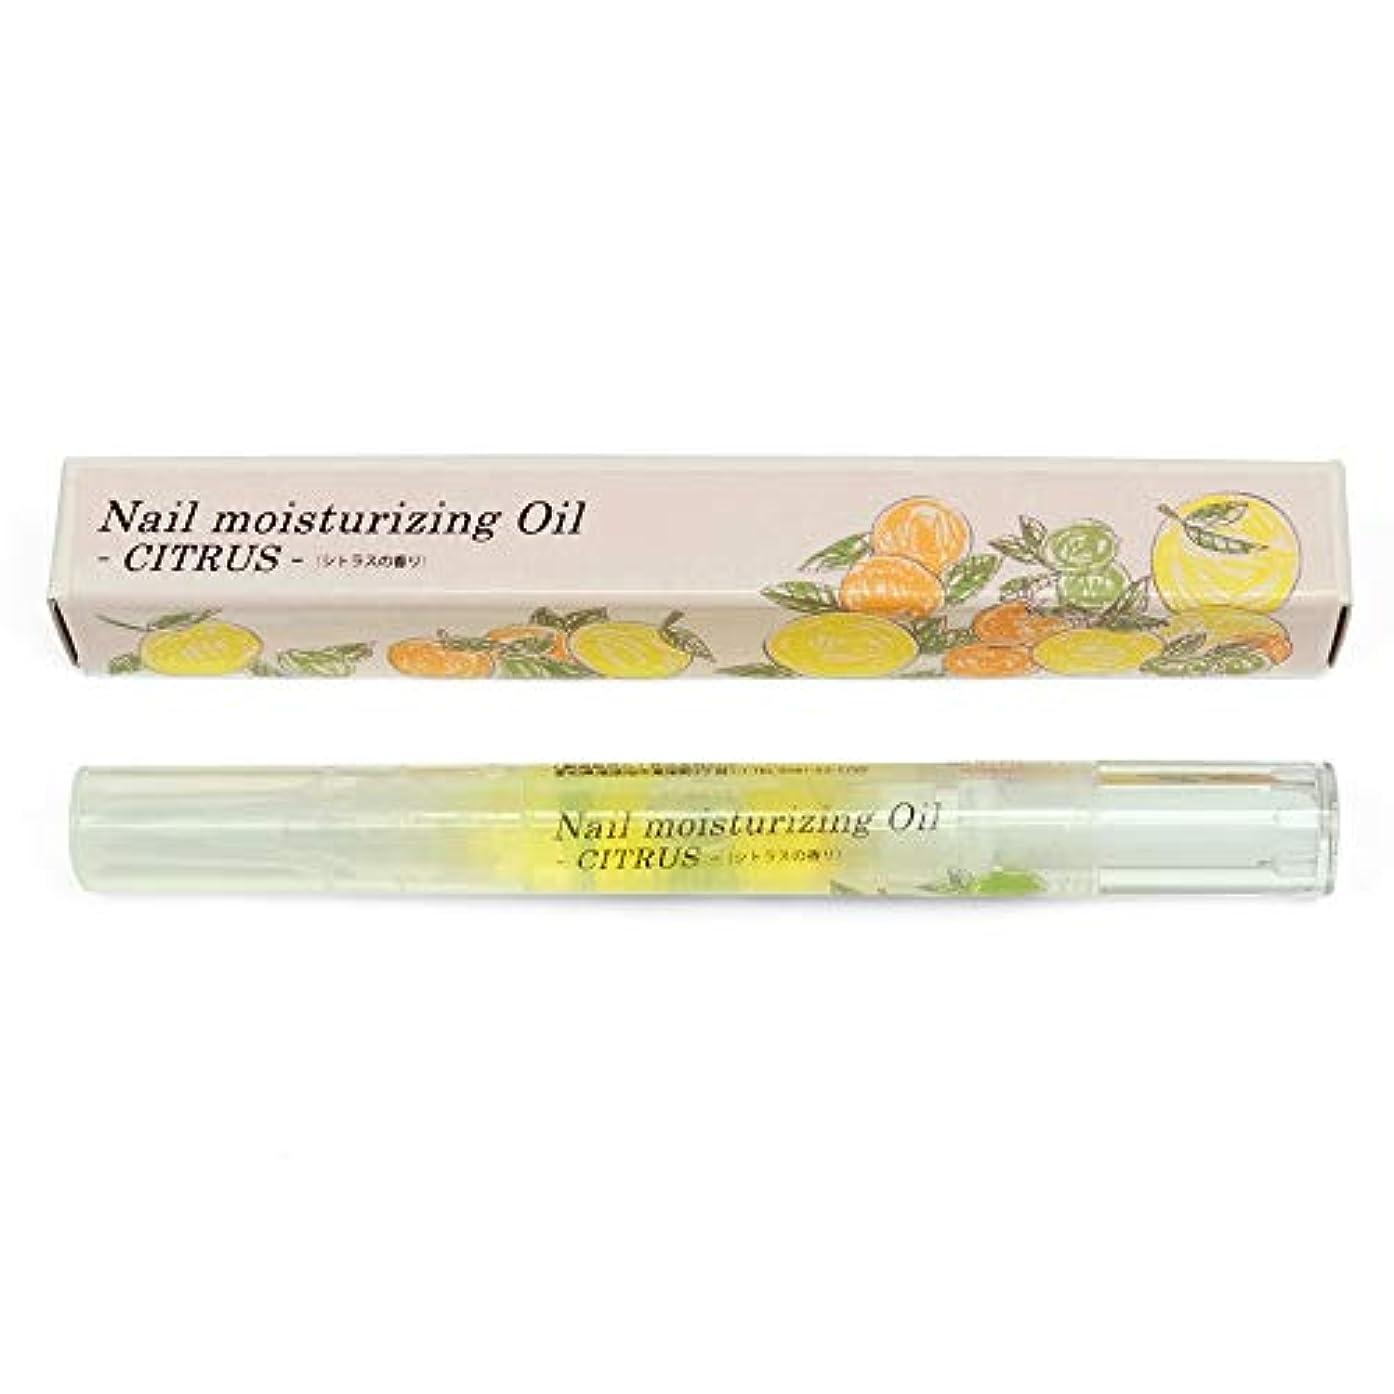 センター感心する巨人ease Nail moisturizing Oil ネイルオイルペン(シトラスの香り) 2ml